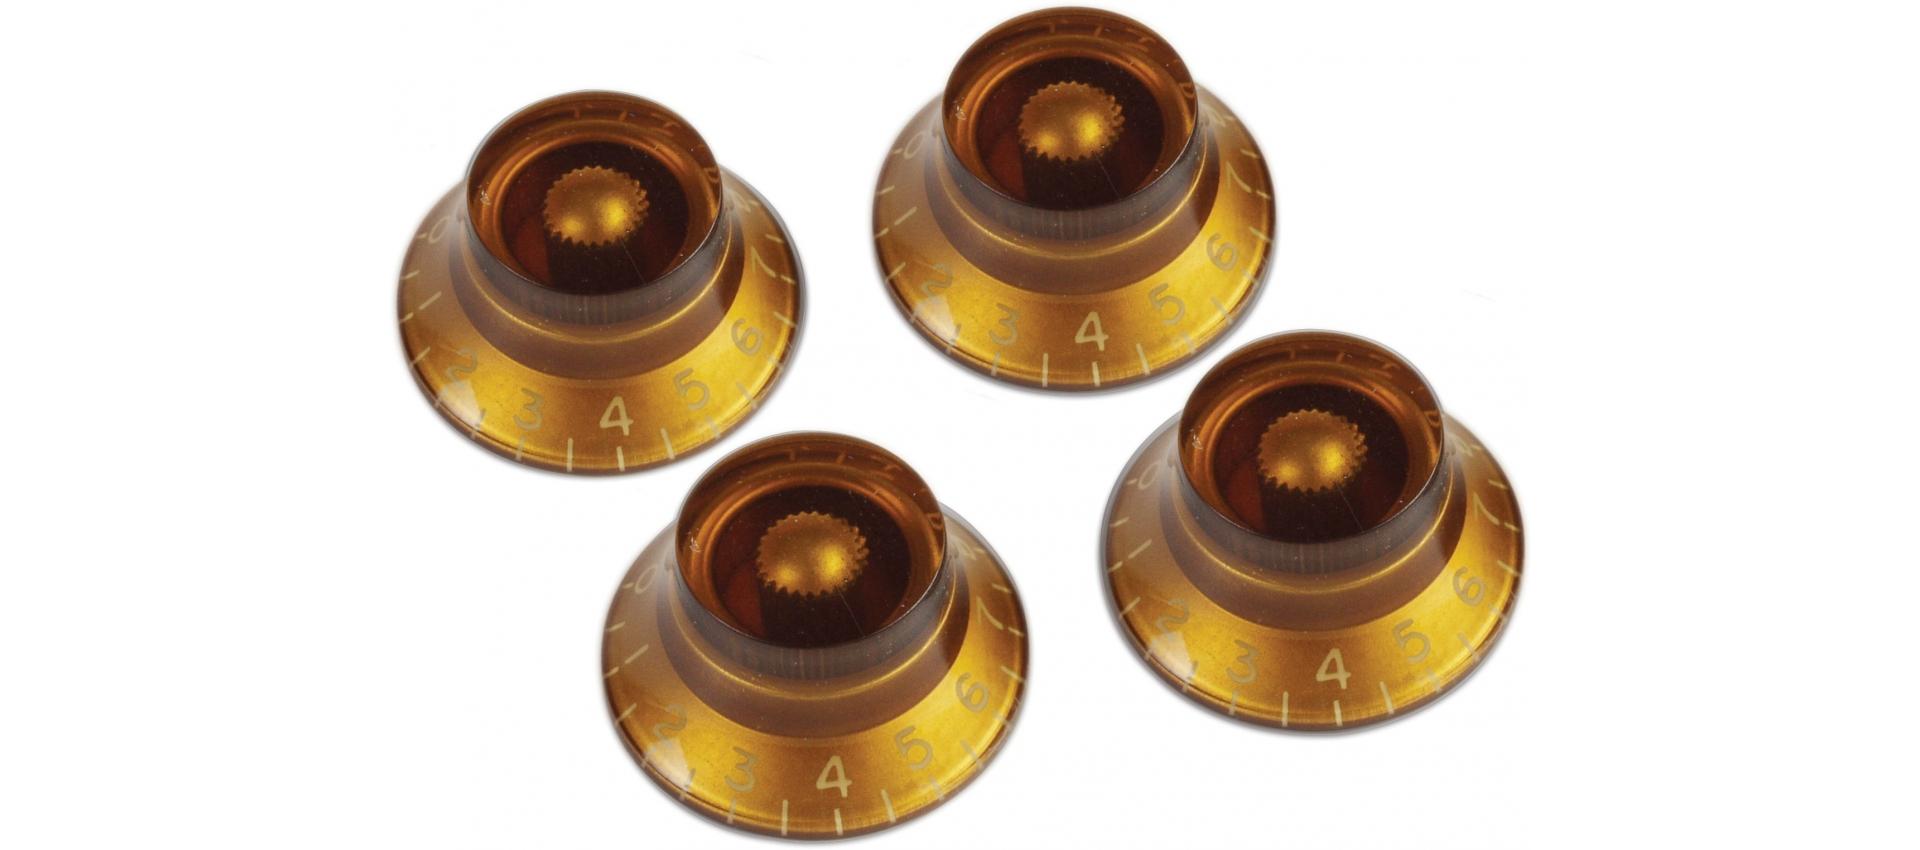 Gibson Top Hat Knobs : gibson prhk 030 top hat knobs vintage amber 4 pezzi hardware vario ~ Hamham.info Haus und Dekorationen